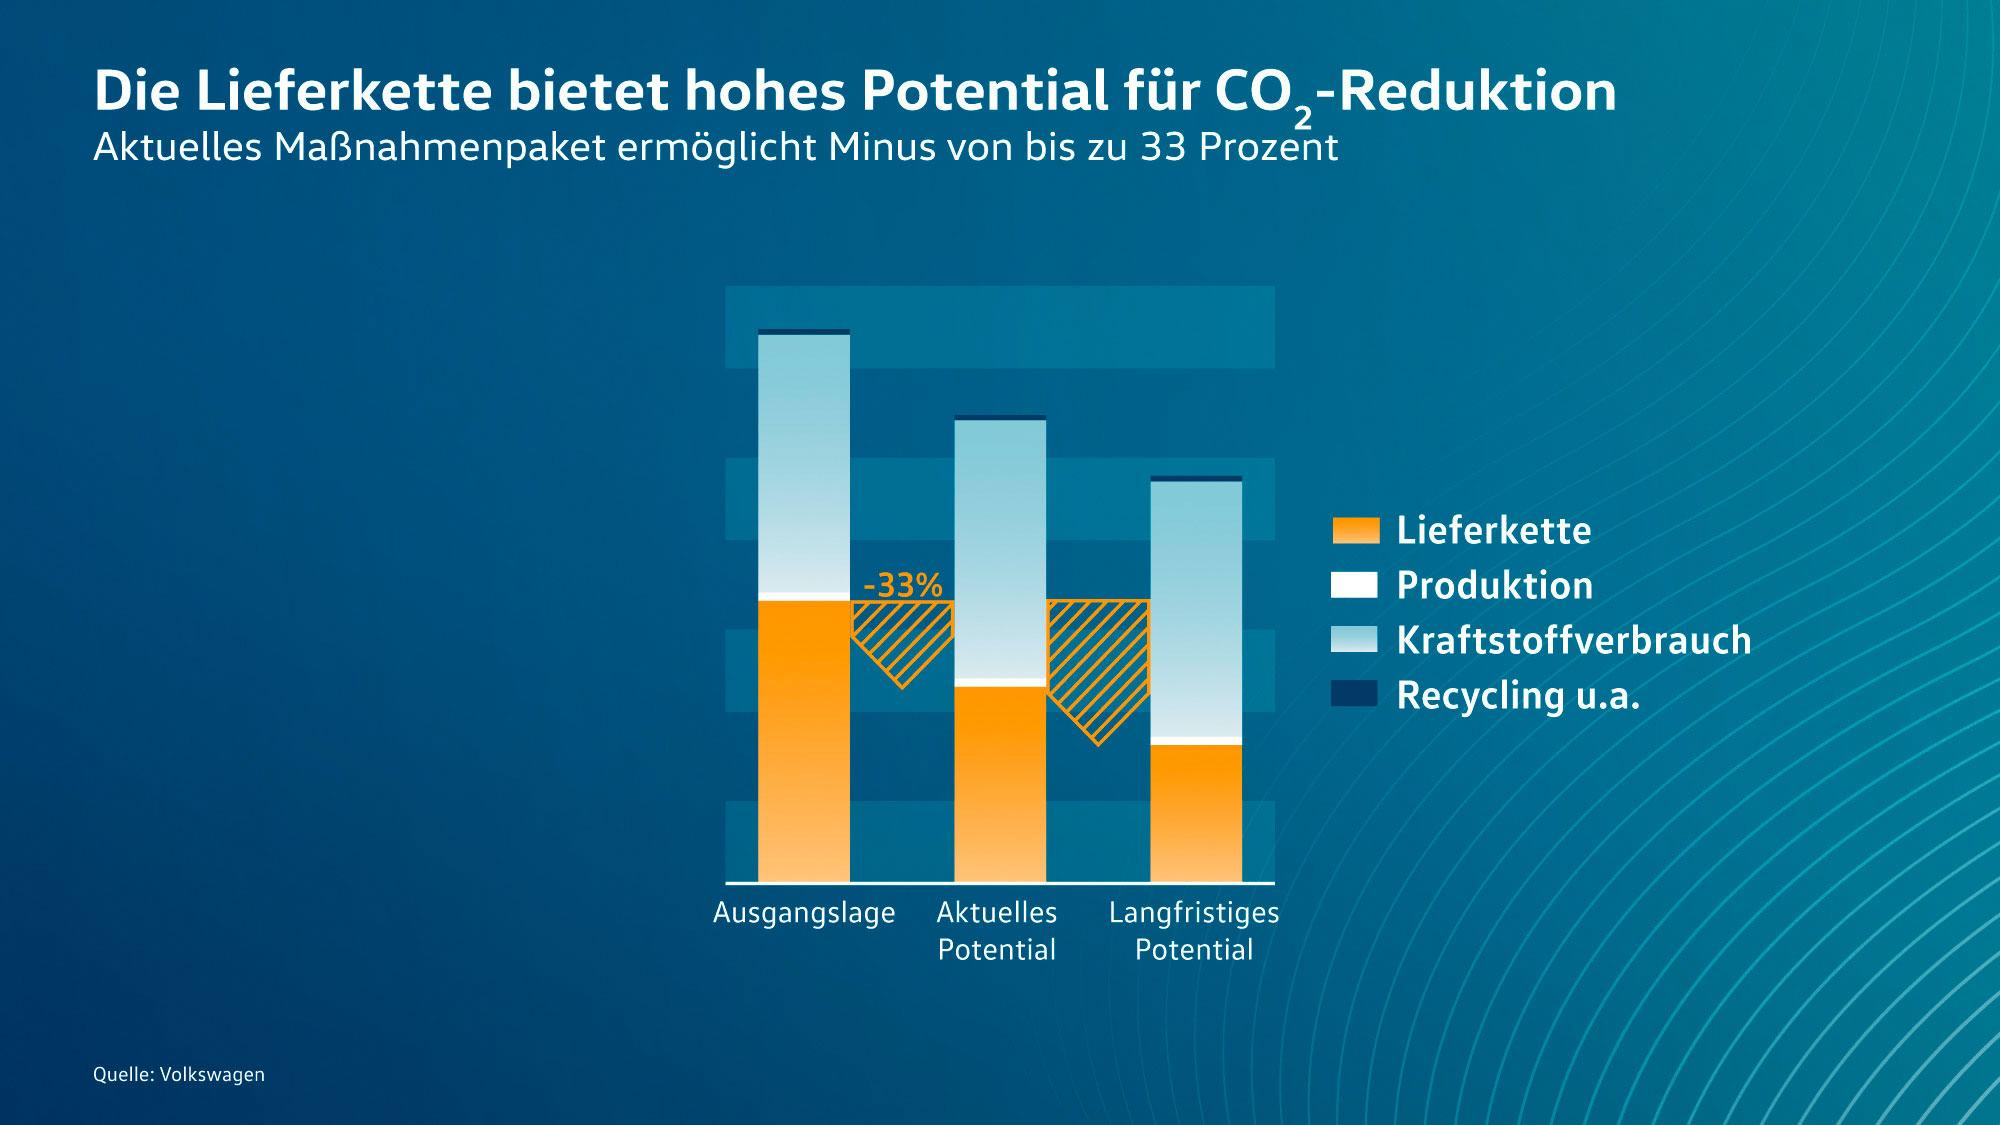 VW-Lieferkette-Elektroauto-CO2-Reduktion